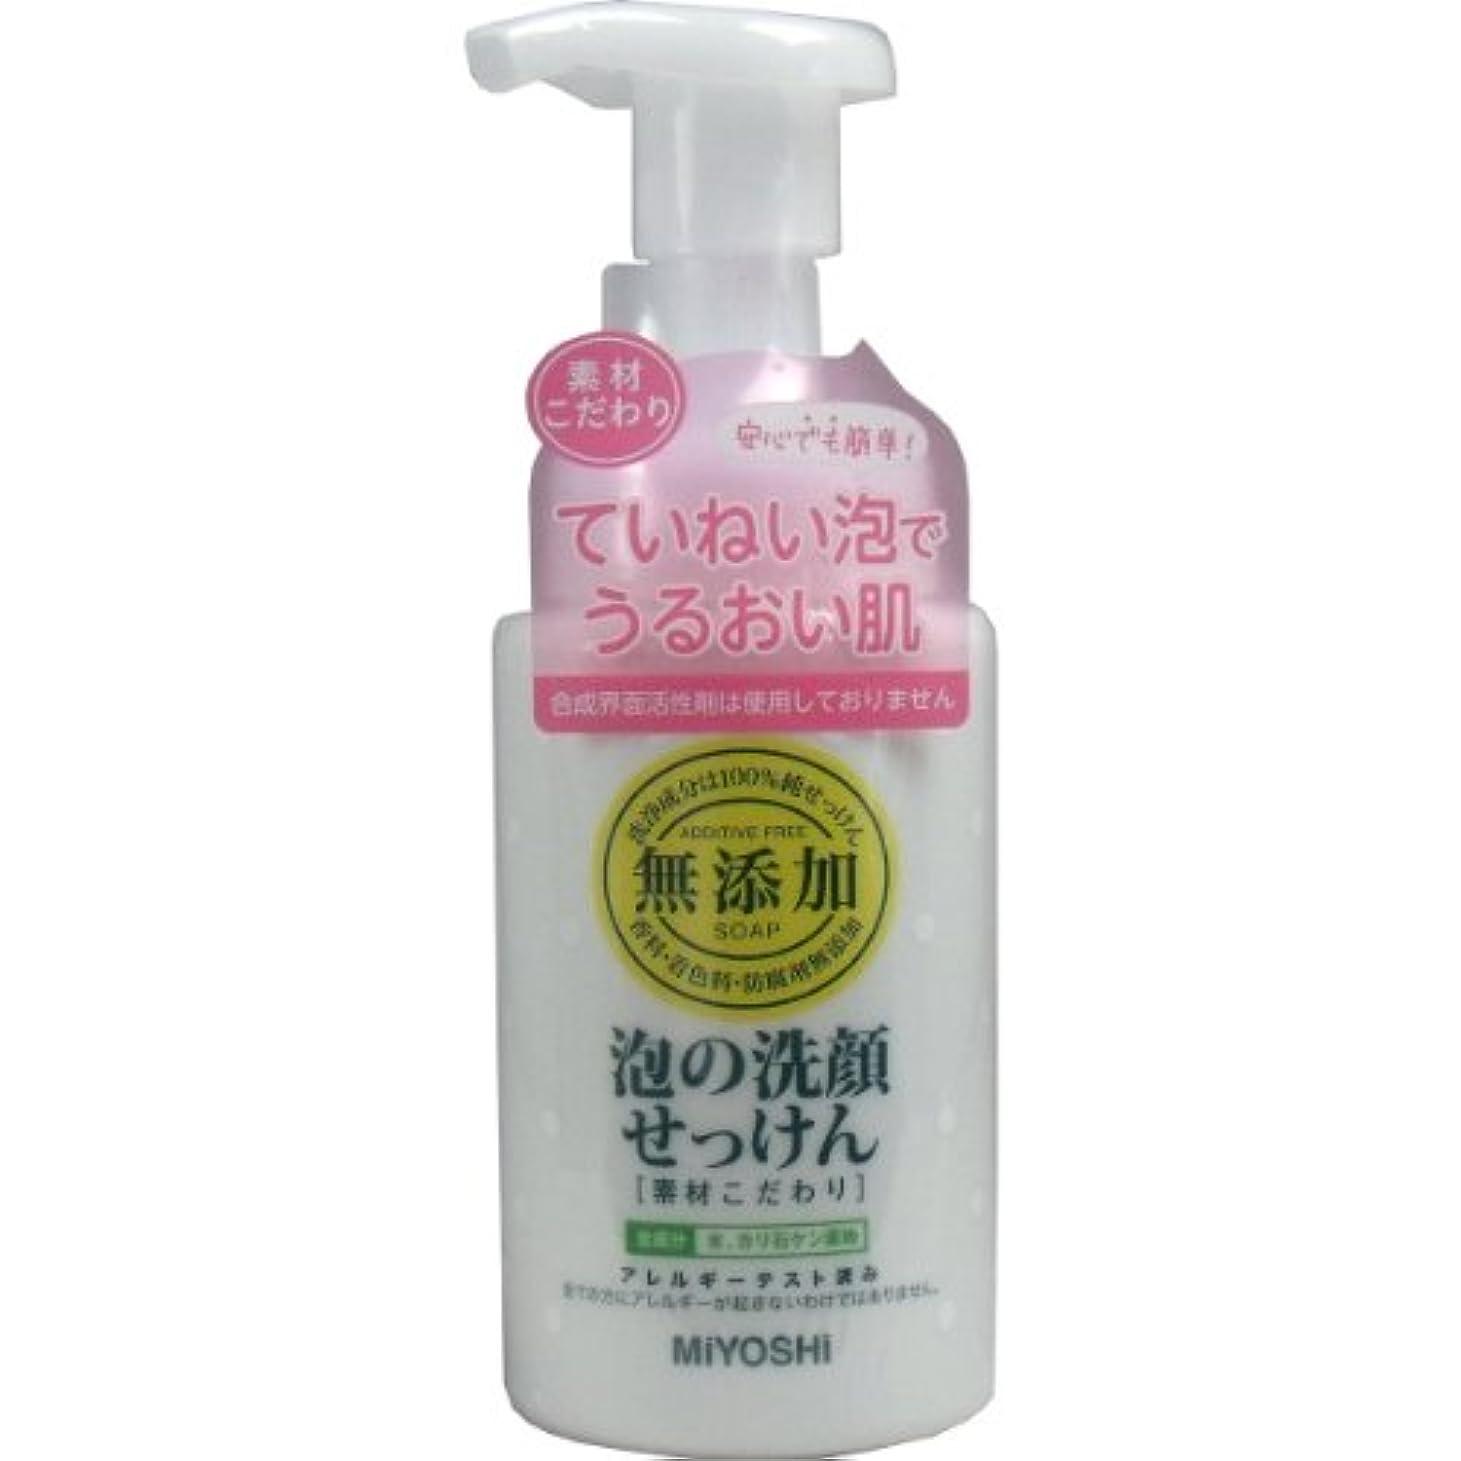 みぞれその結果静かに【ミヨシ石鹸】無添加 泡の洗顔せっけん 200ml ×20個セット